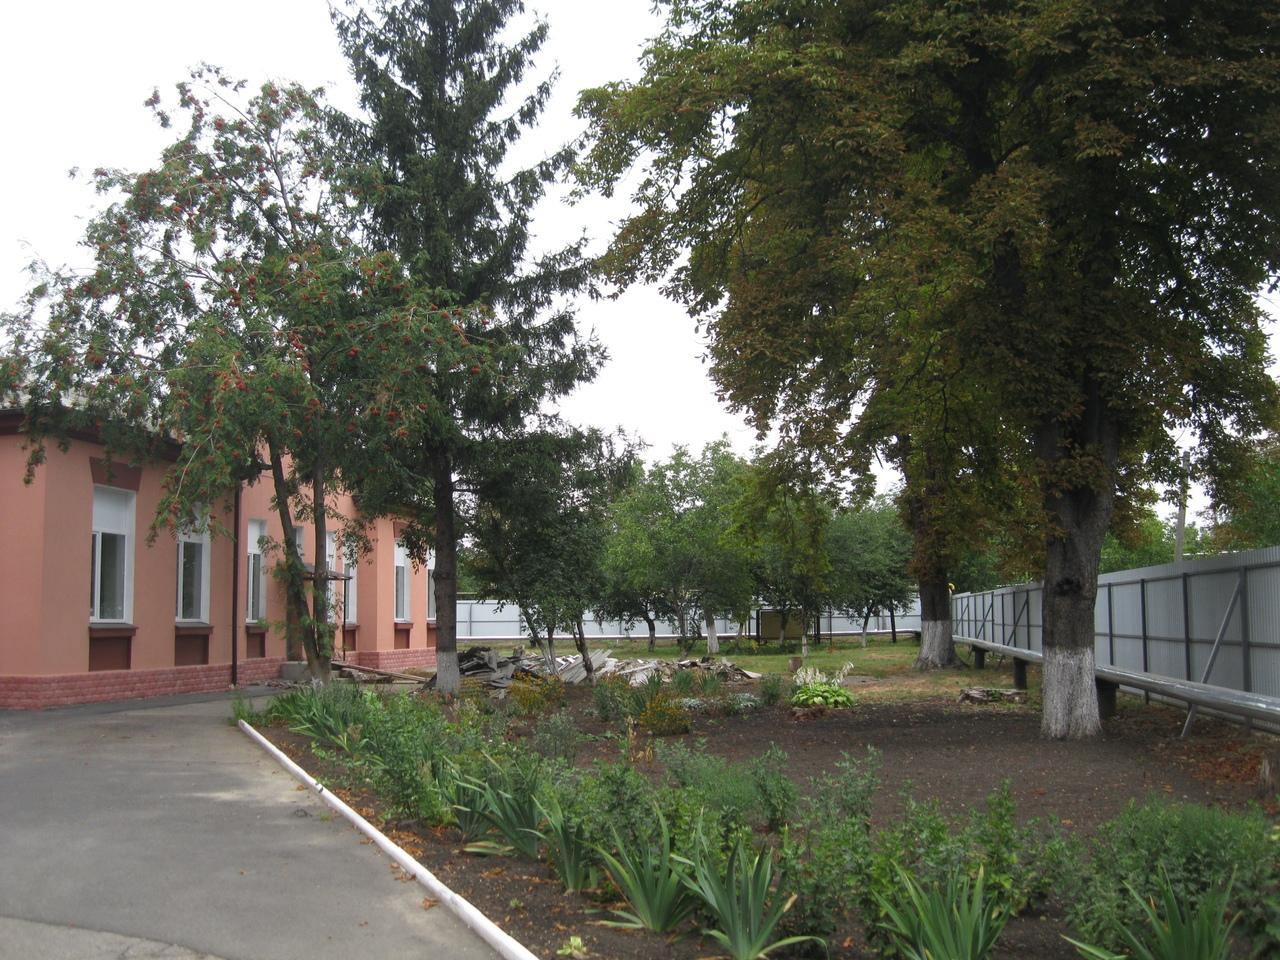 Дом престарелых одесская обл нсо, г.бибиха дом престарелых